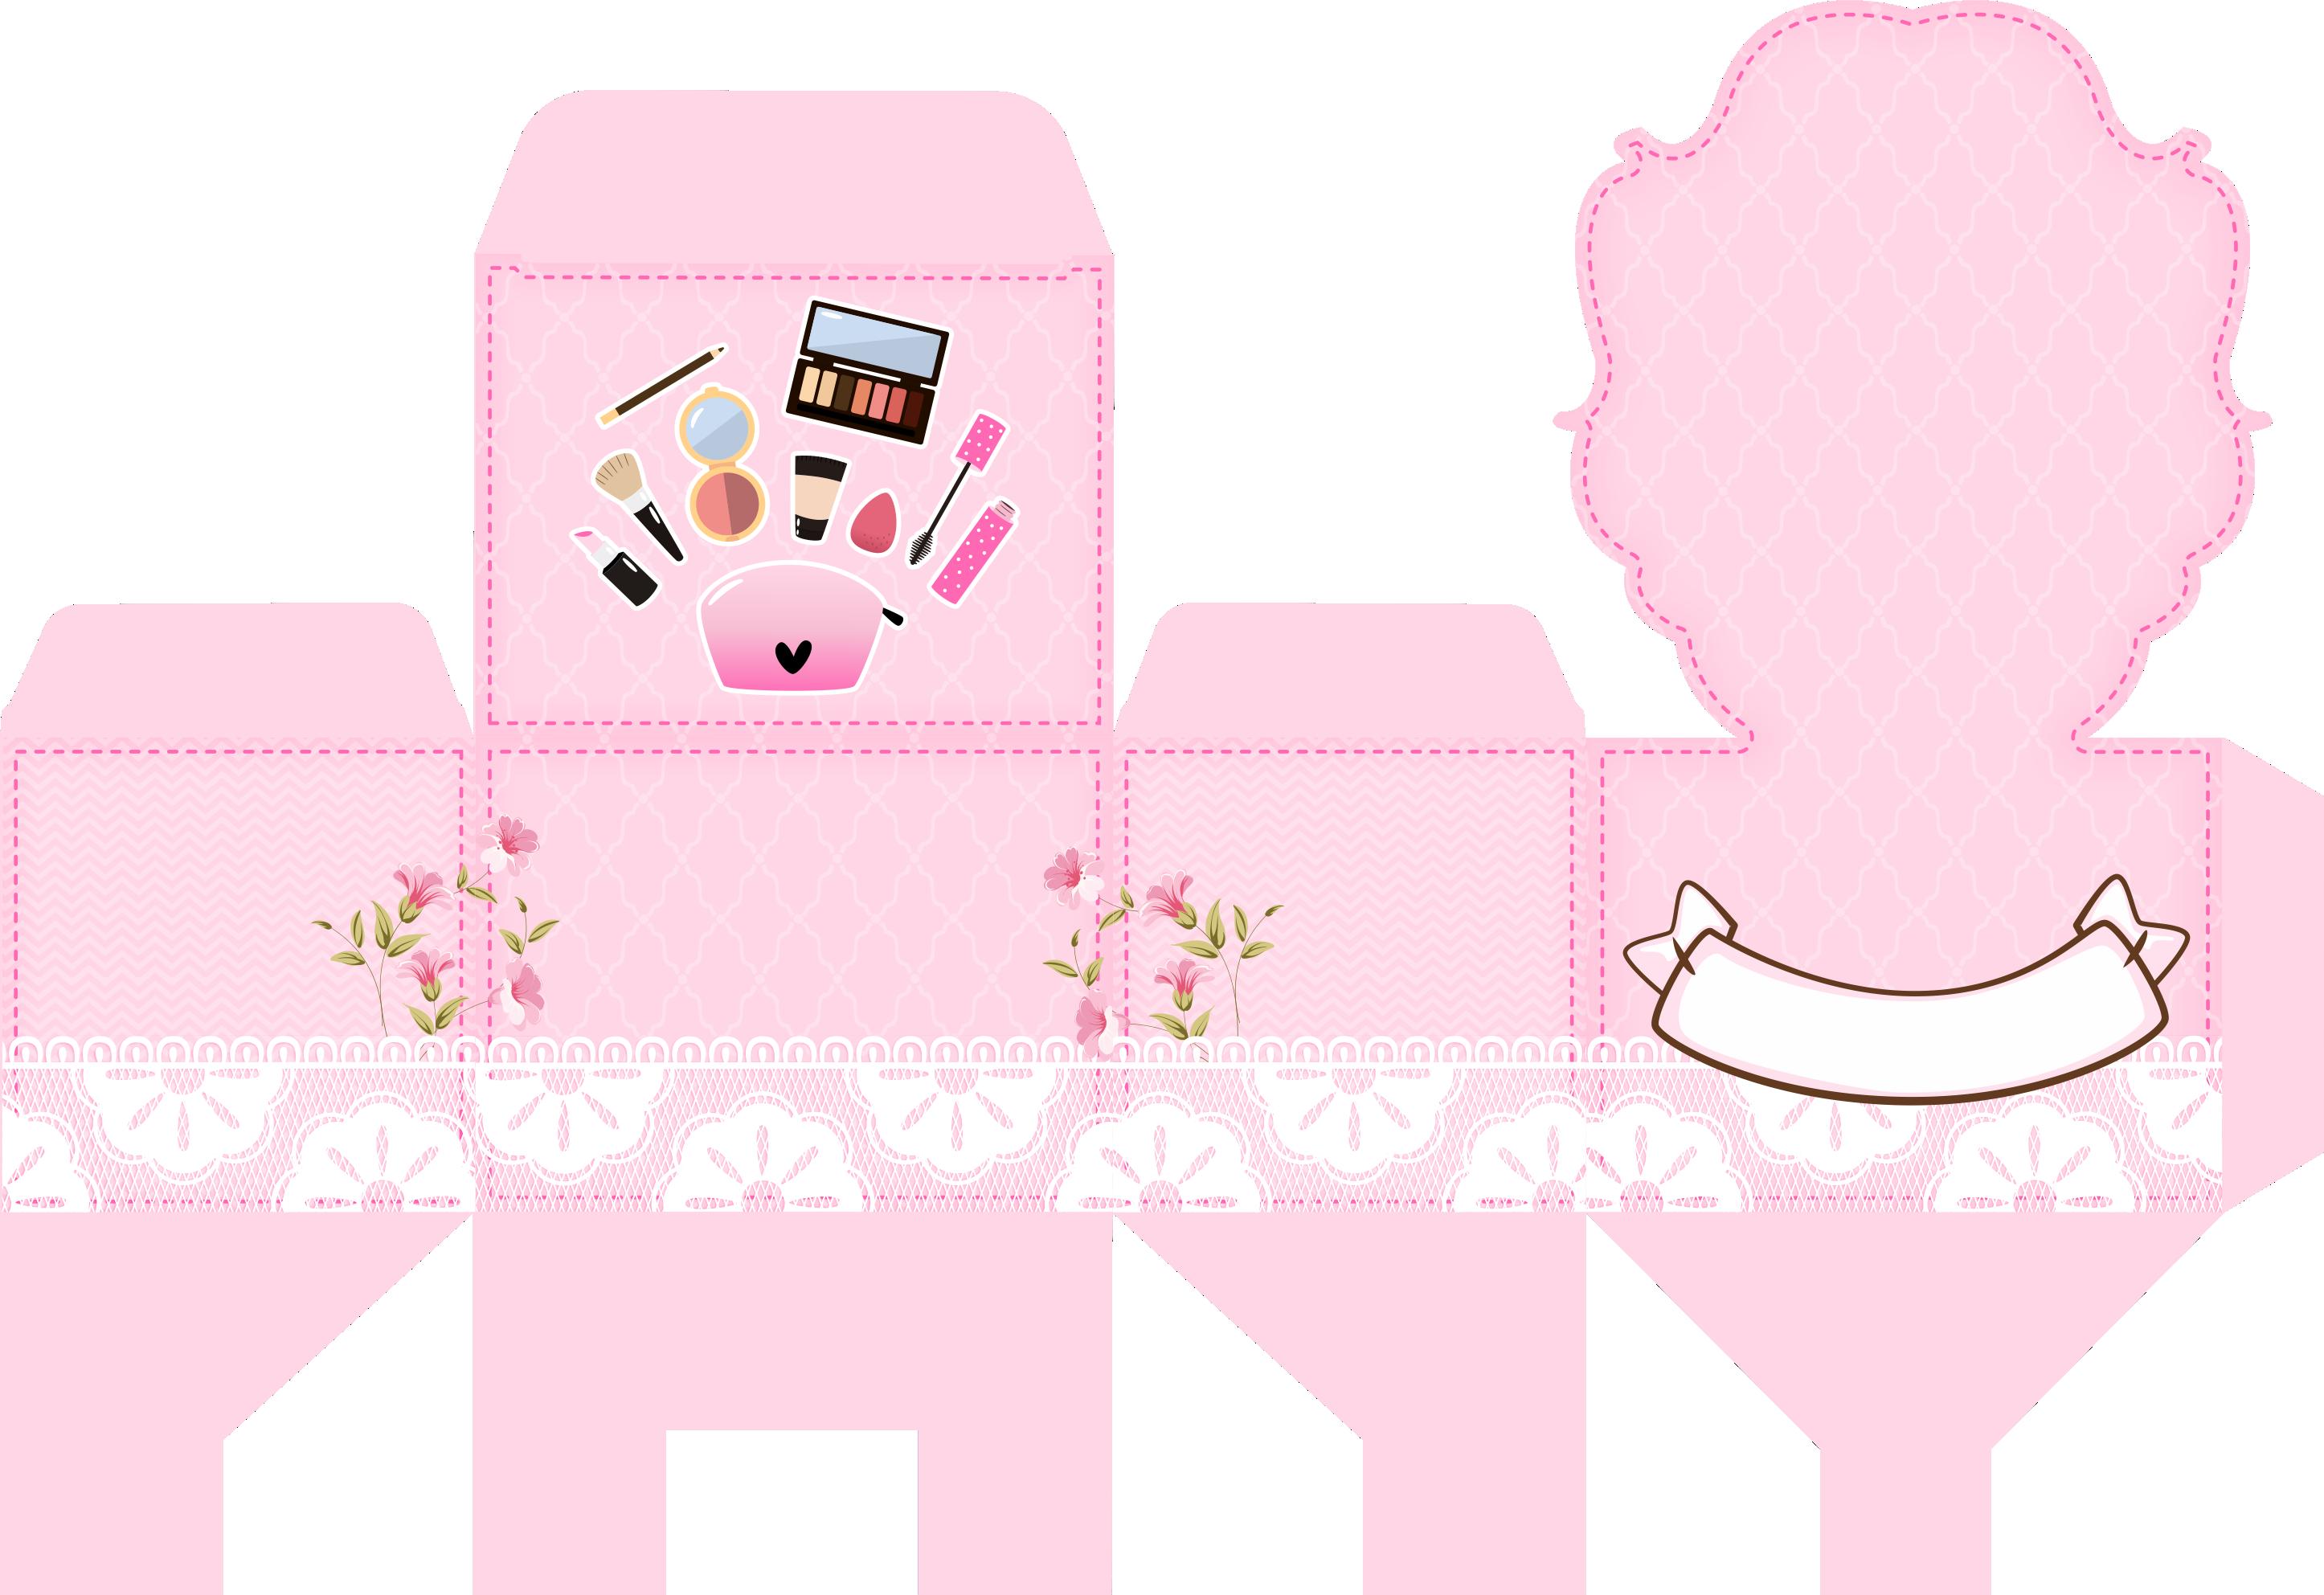 caixa penteadeira casa de bonecas rosa 1